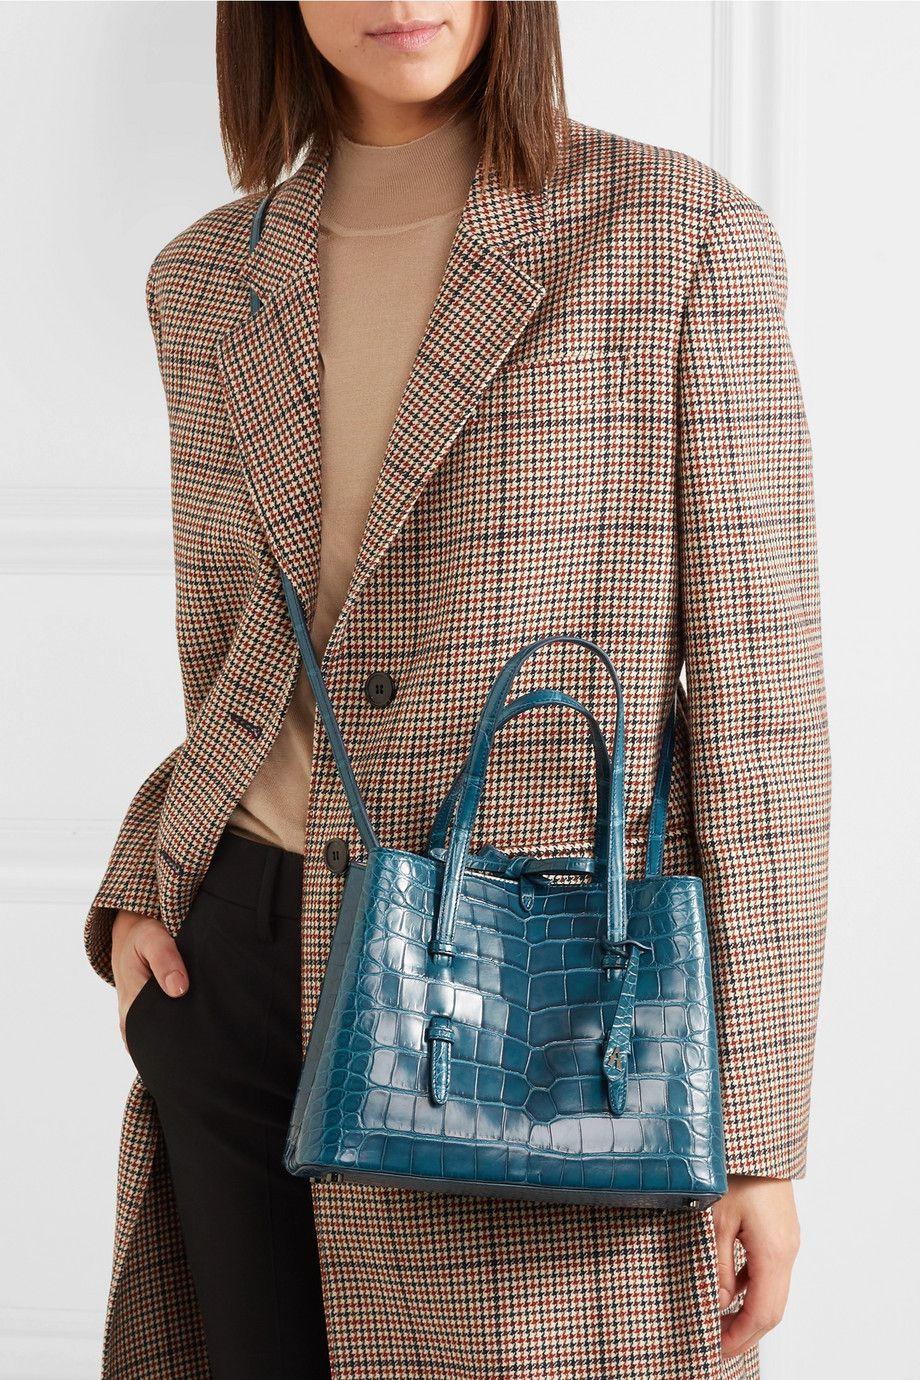 Ovo su najskuplje torbice iz online shopova: Vrijede li toliko?